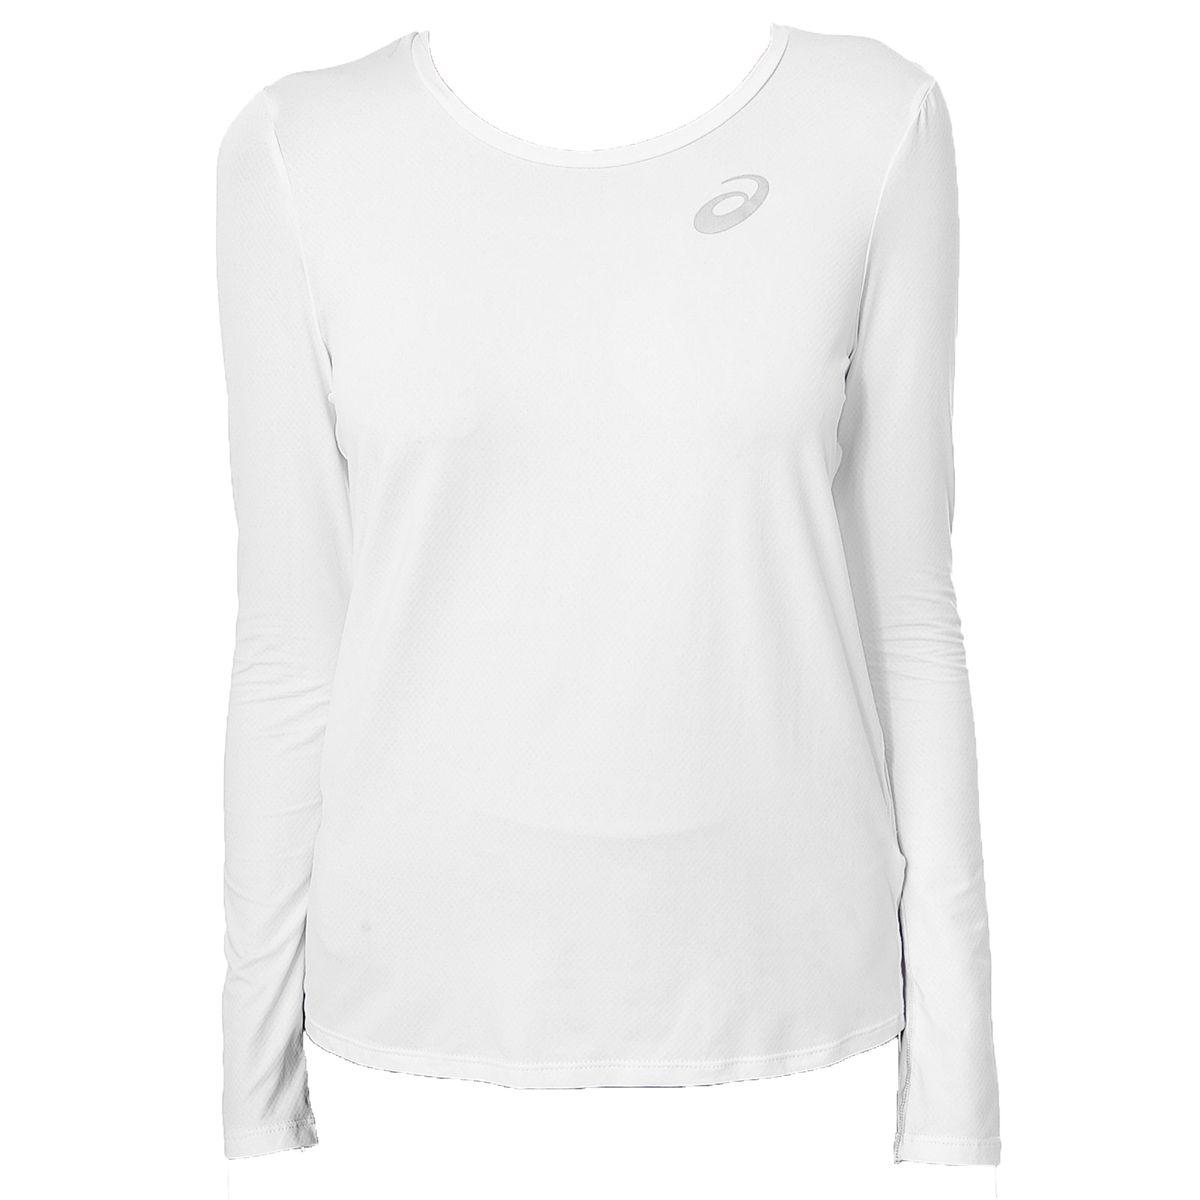 Camiseta-Asics-Manga-Longa---Feminino---Branco